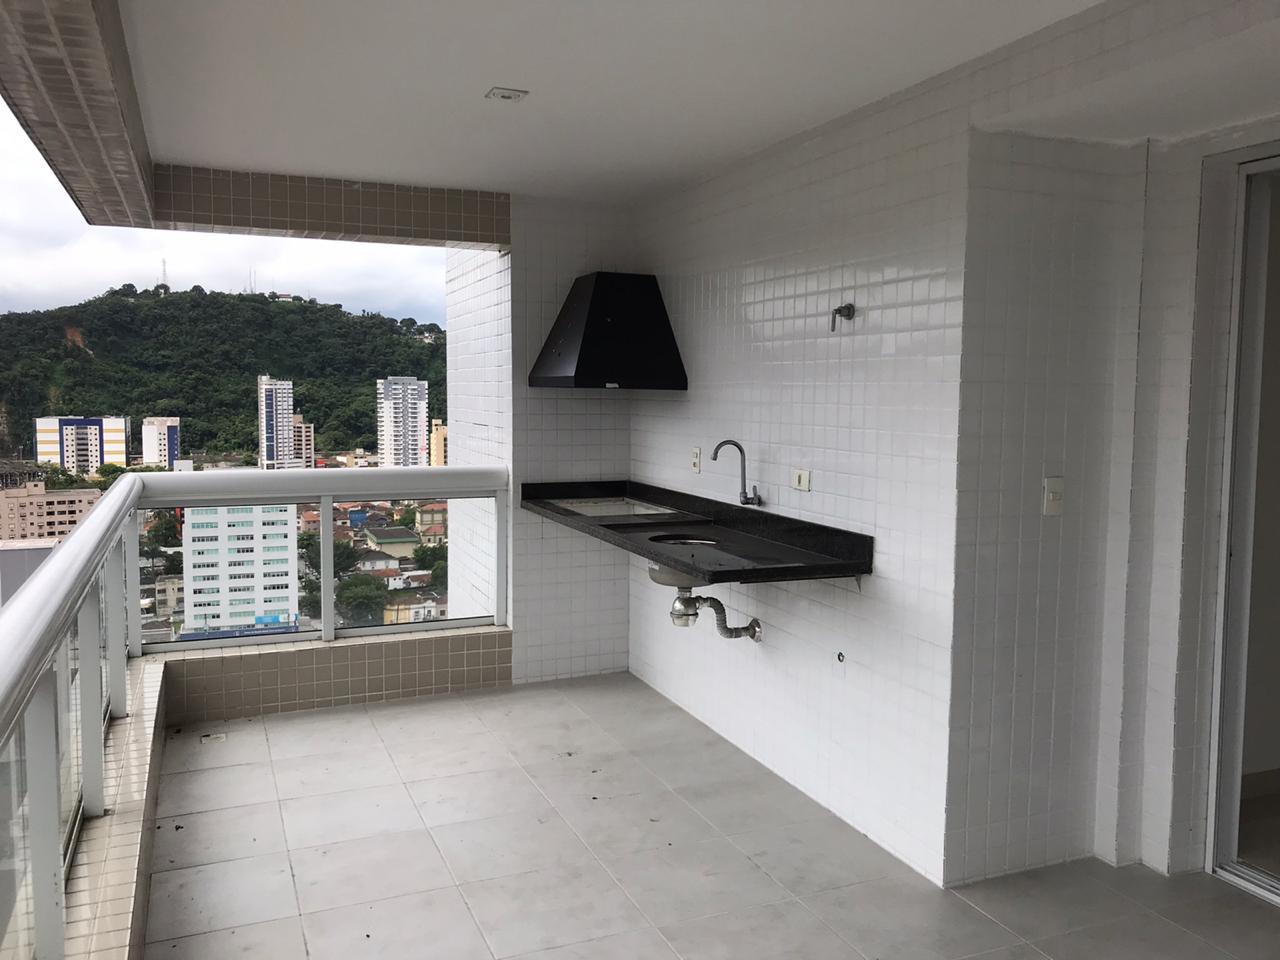 apartamento novo 2 dormitórios com 1 suite e uma varanda gourmet. - foto 12